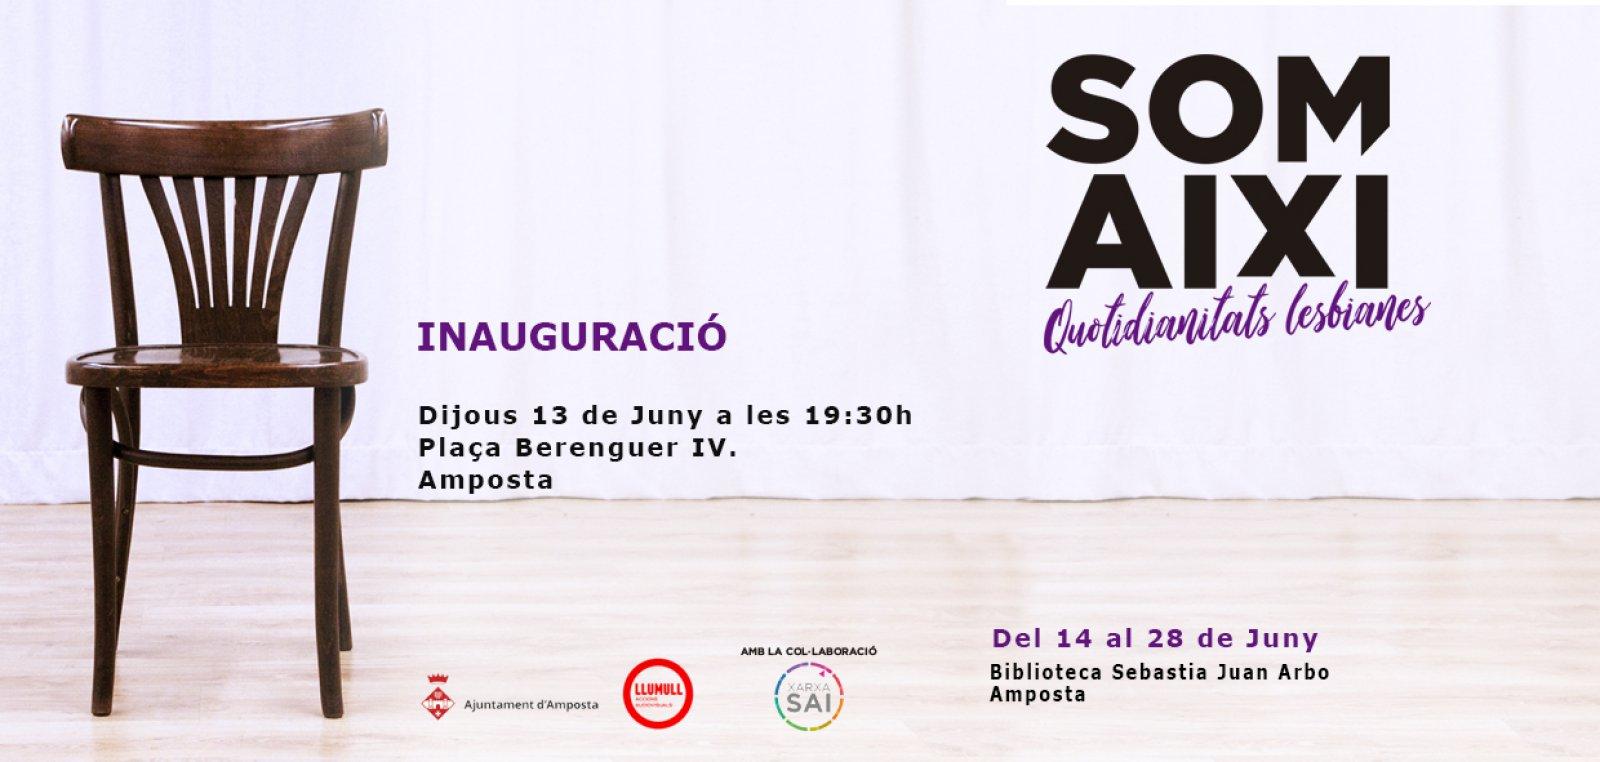 Expo «Som així! Quotidianitats lesbianes» a Amposta @ Biblioteca Sebastià Juan Arbó